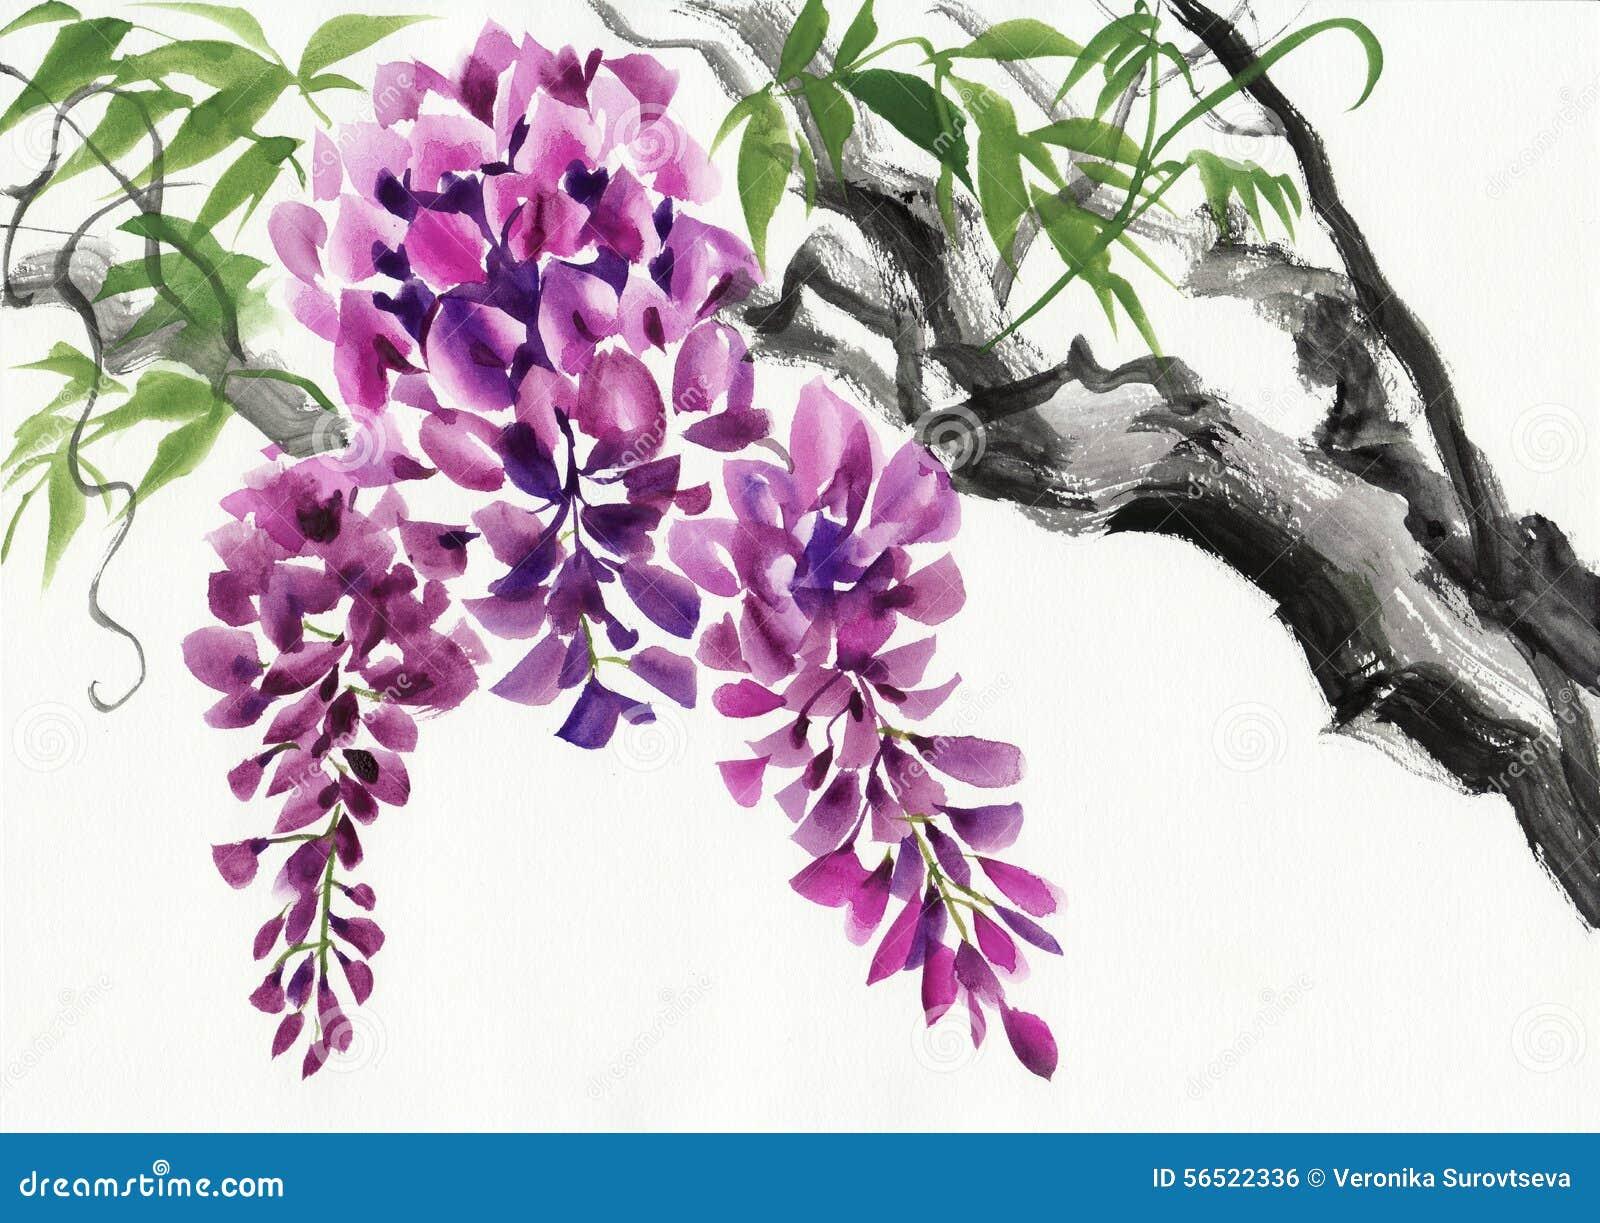 fleur de glycine illustration stock illustration du image 56522336. Black Bedroom Furniture Sets. Home Design Ideas